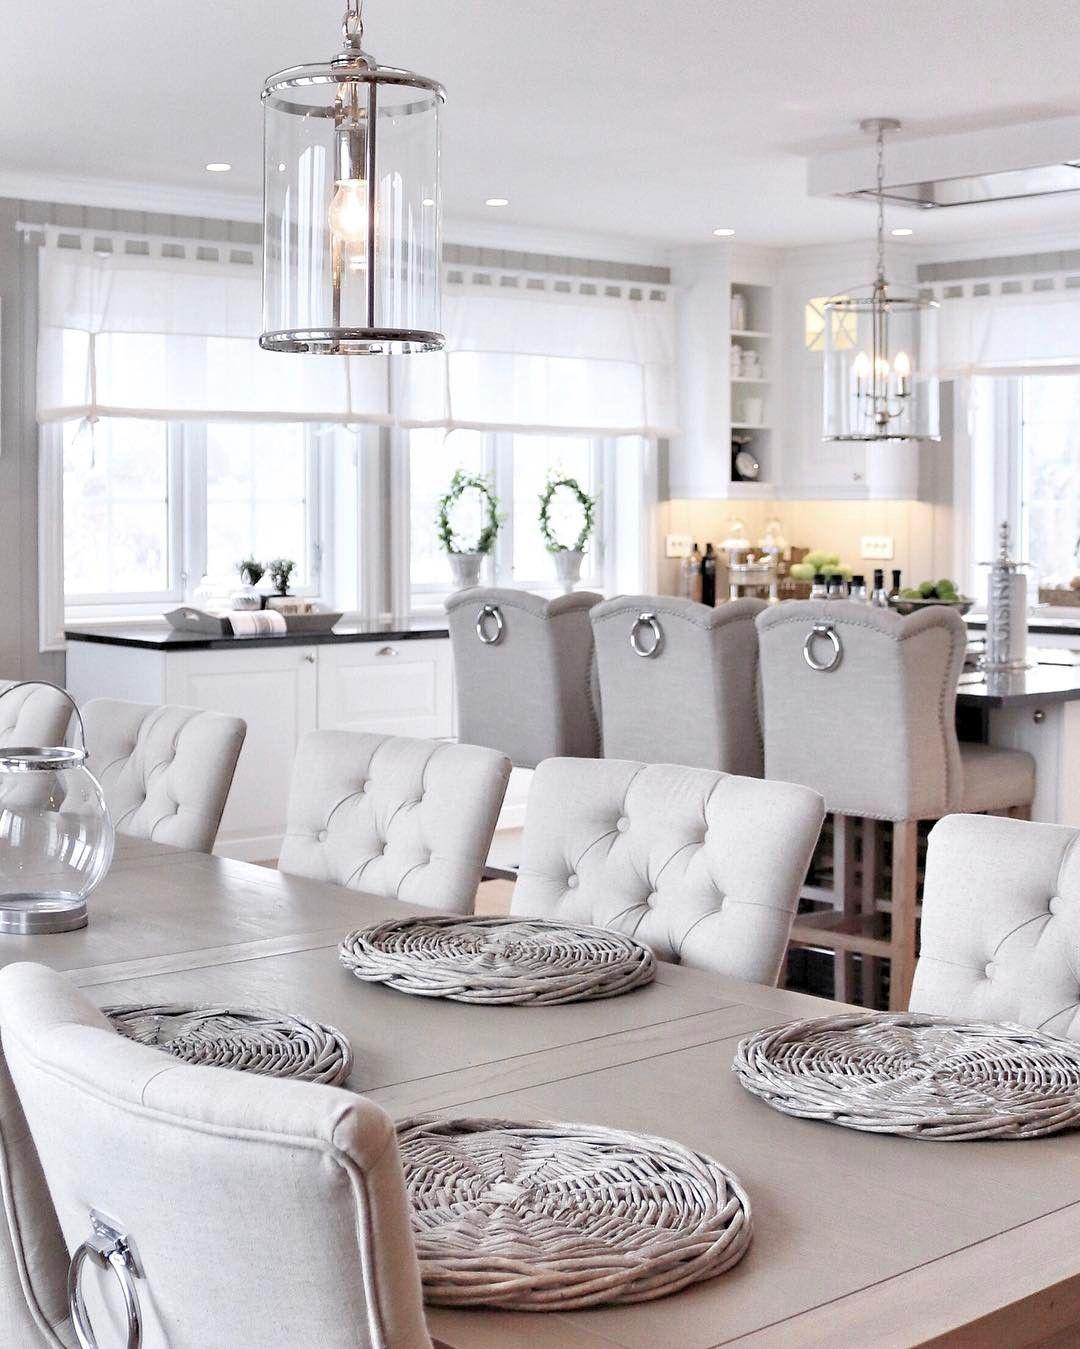 Esszimmer dekor wohnung neutral  neutral living  pinterest  esszimmer wohnraum und